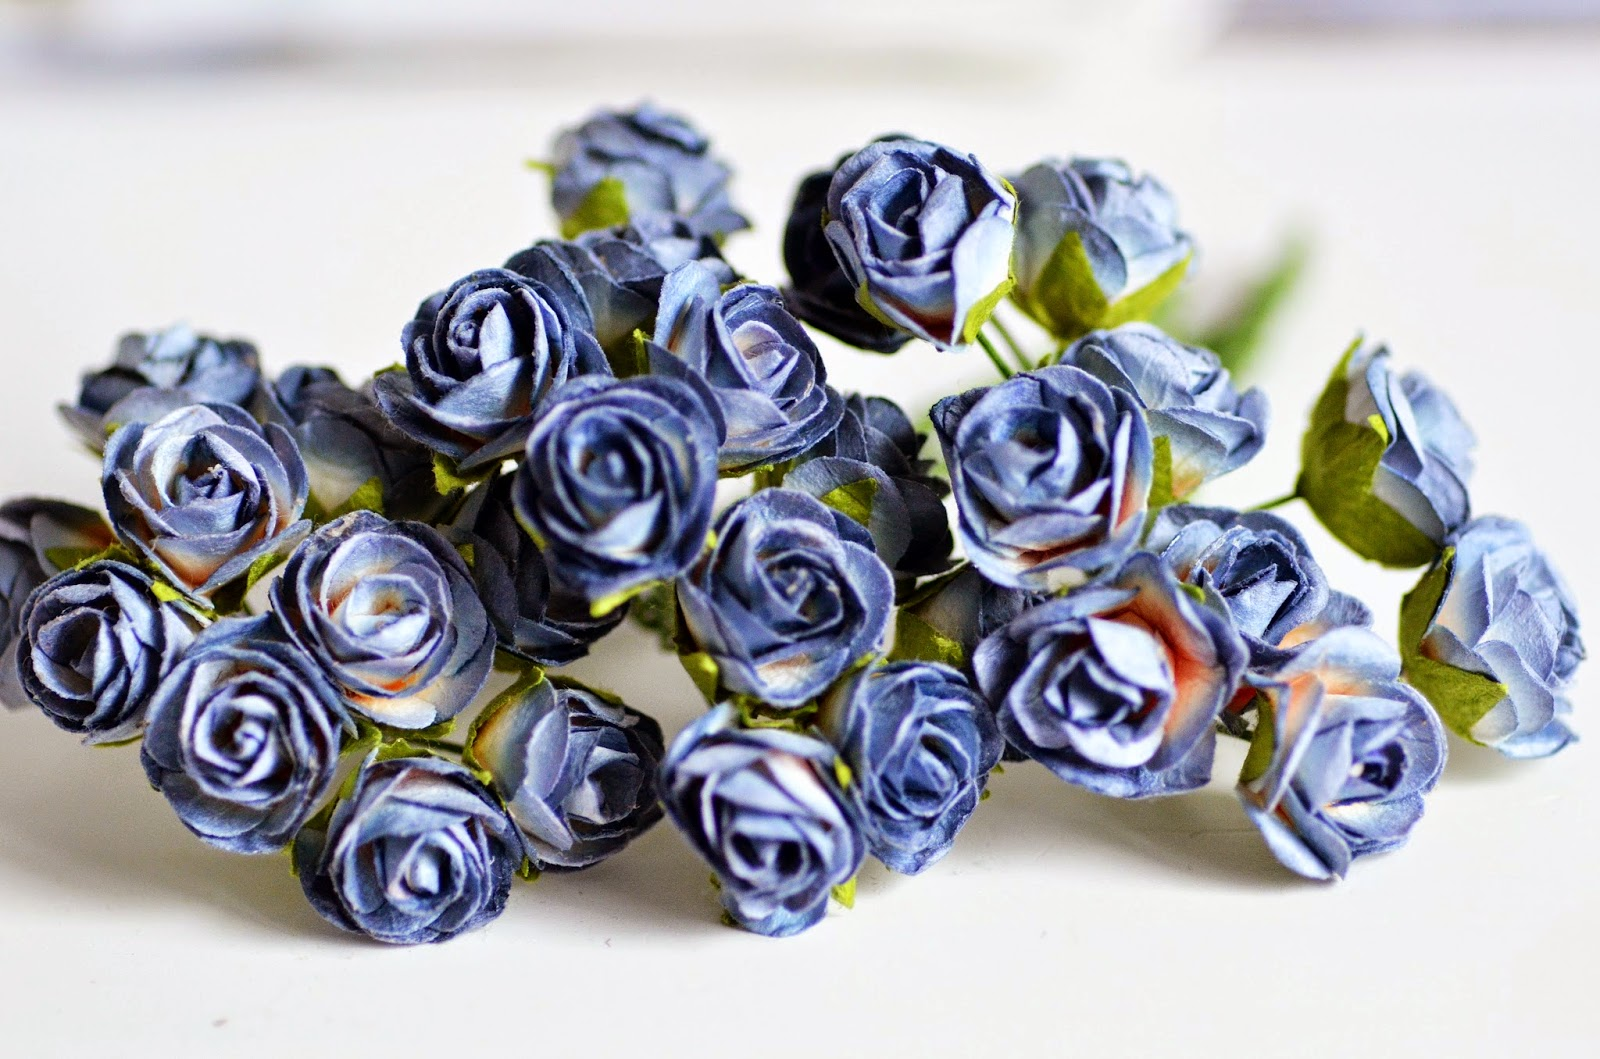 http://kolorowyjarmark.pl/pl/p/Kwiatki-RozyczkiGranatowe-Cieniowane-10szt-/2470